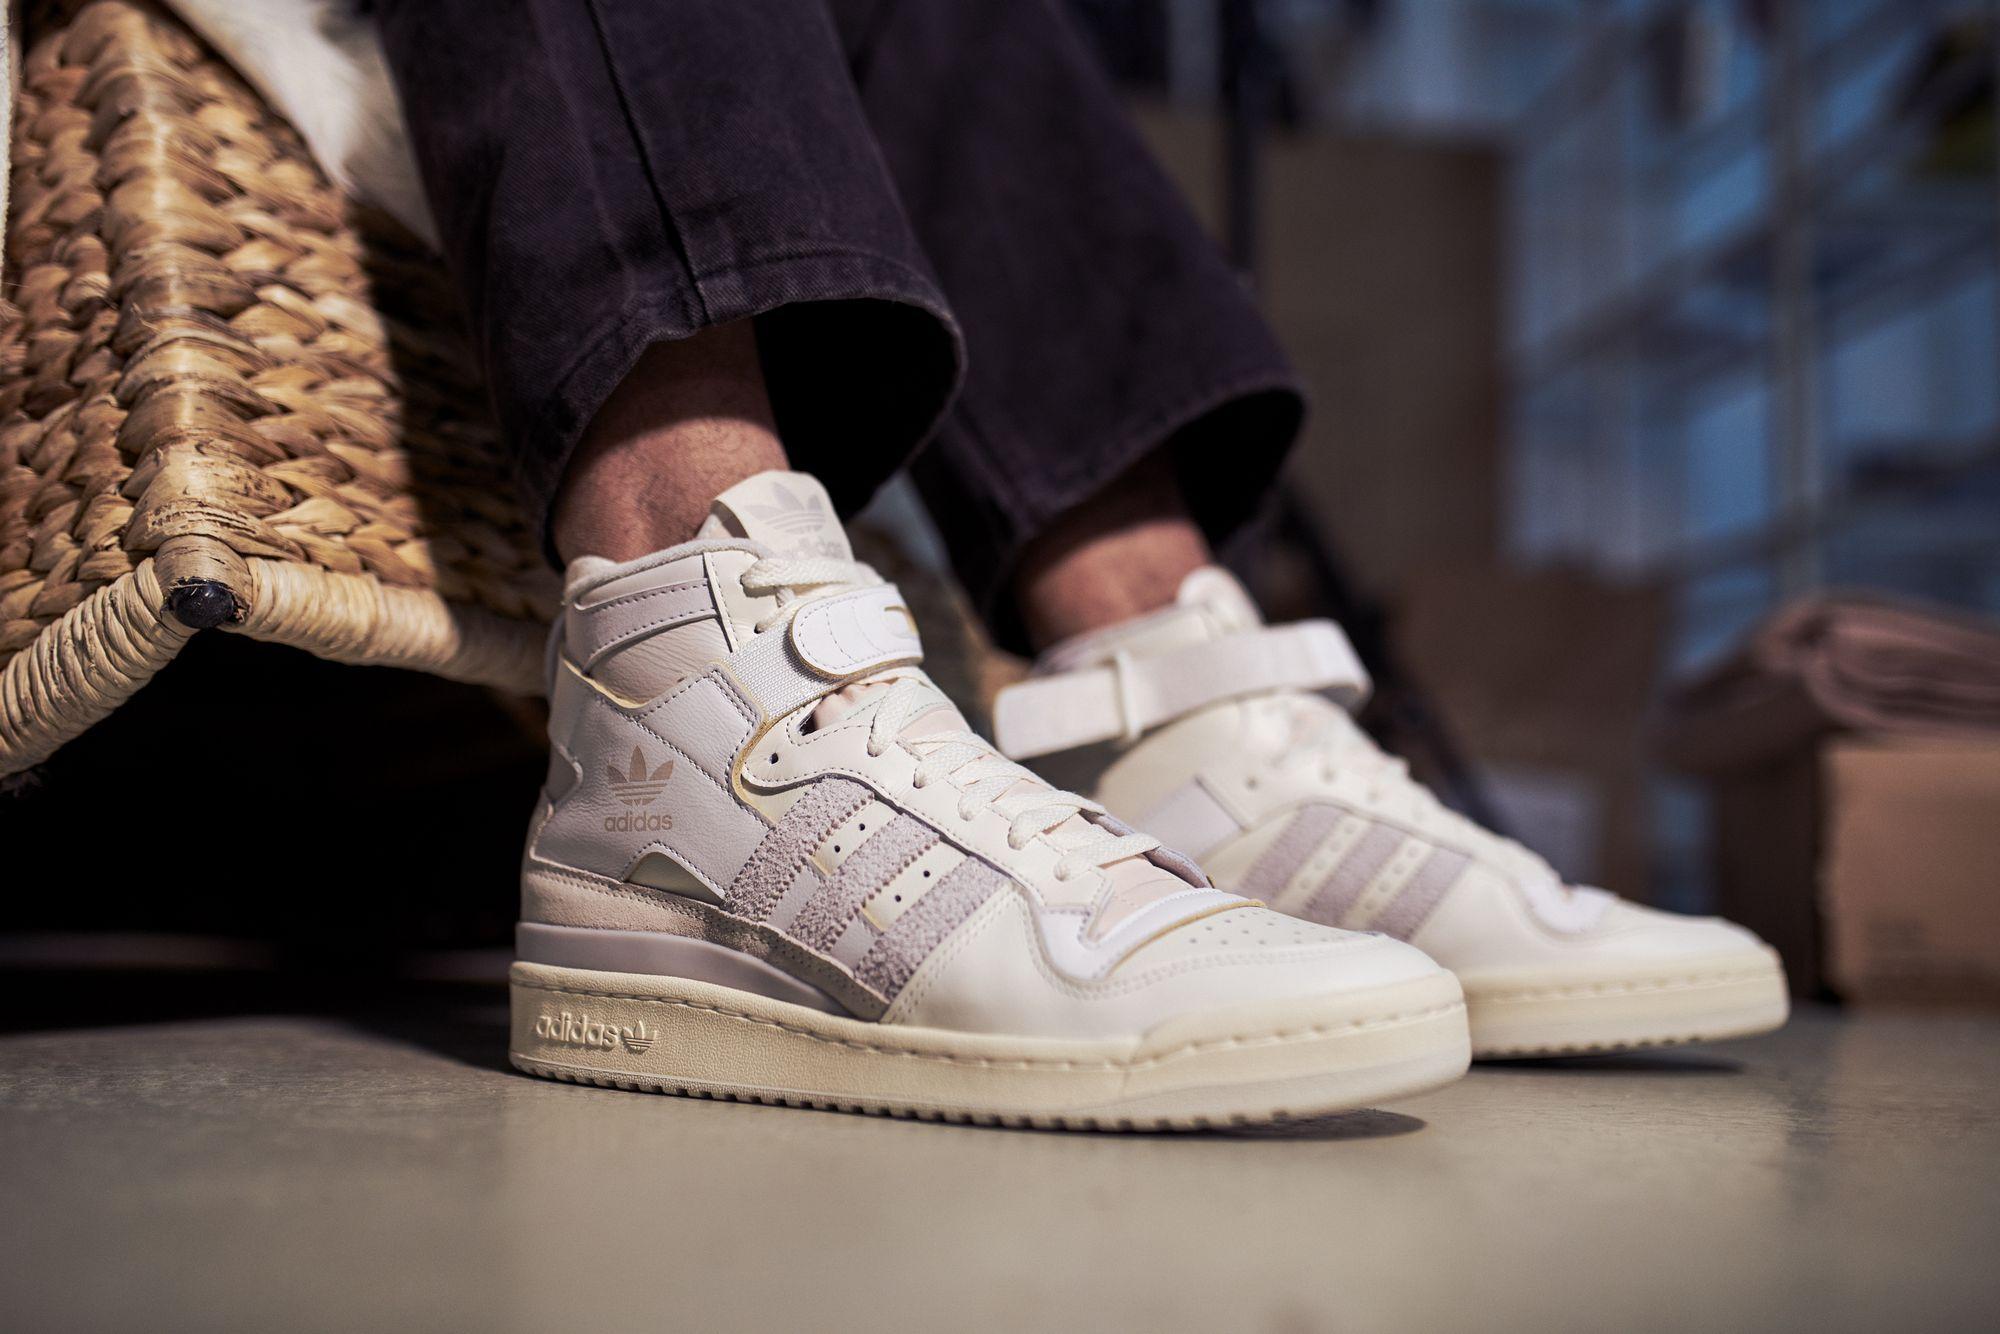 adidas Forum 84 High - grey one/orbit grey/footwear white - FY4576 on feet